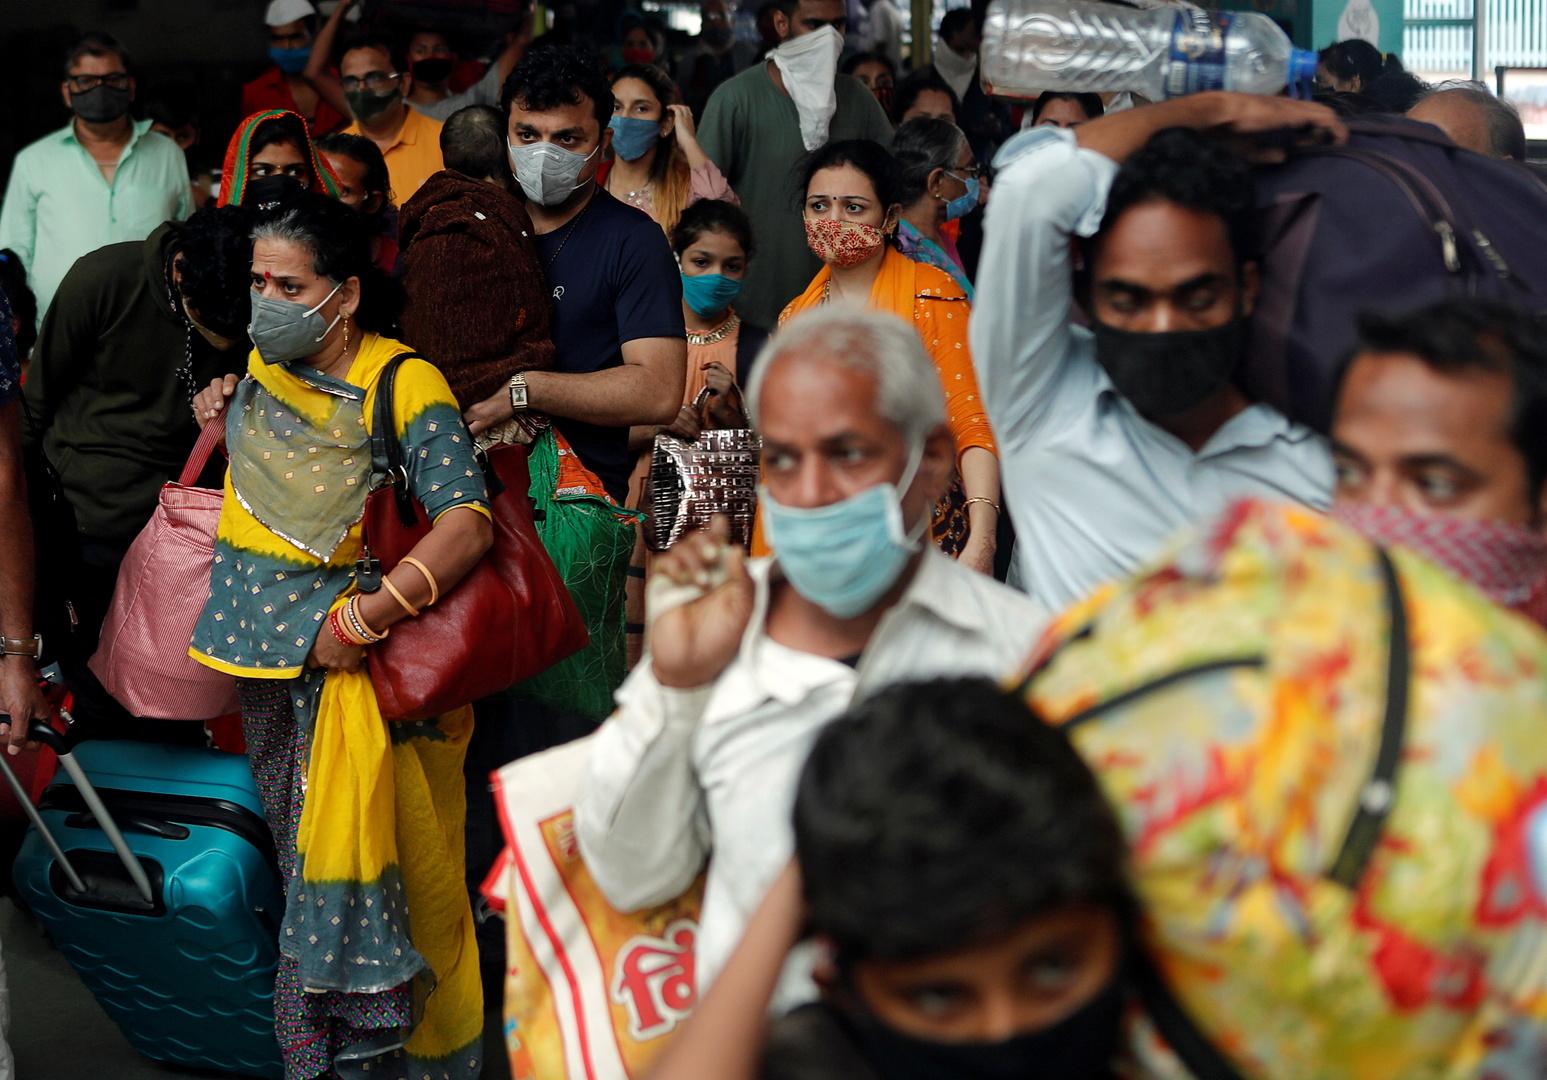 الهند تسجل أقل عدد إصابات يومية بكورونا منذ 6 أشهر